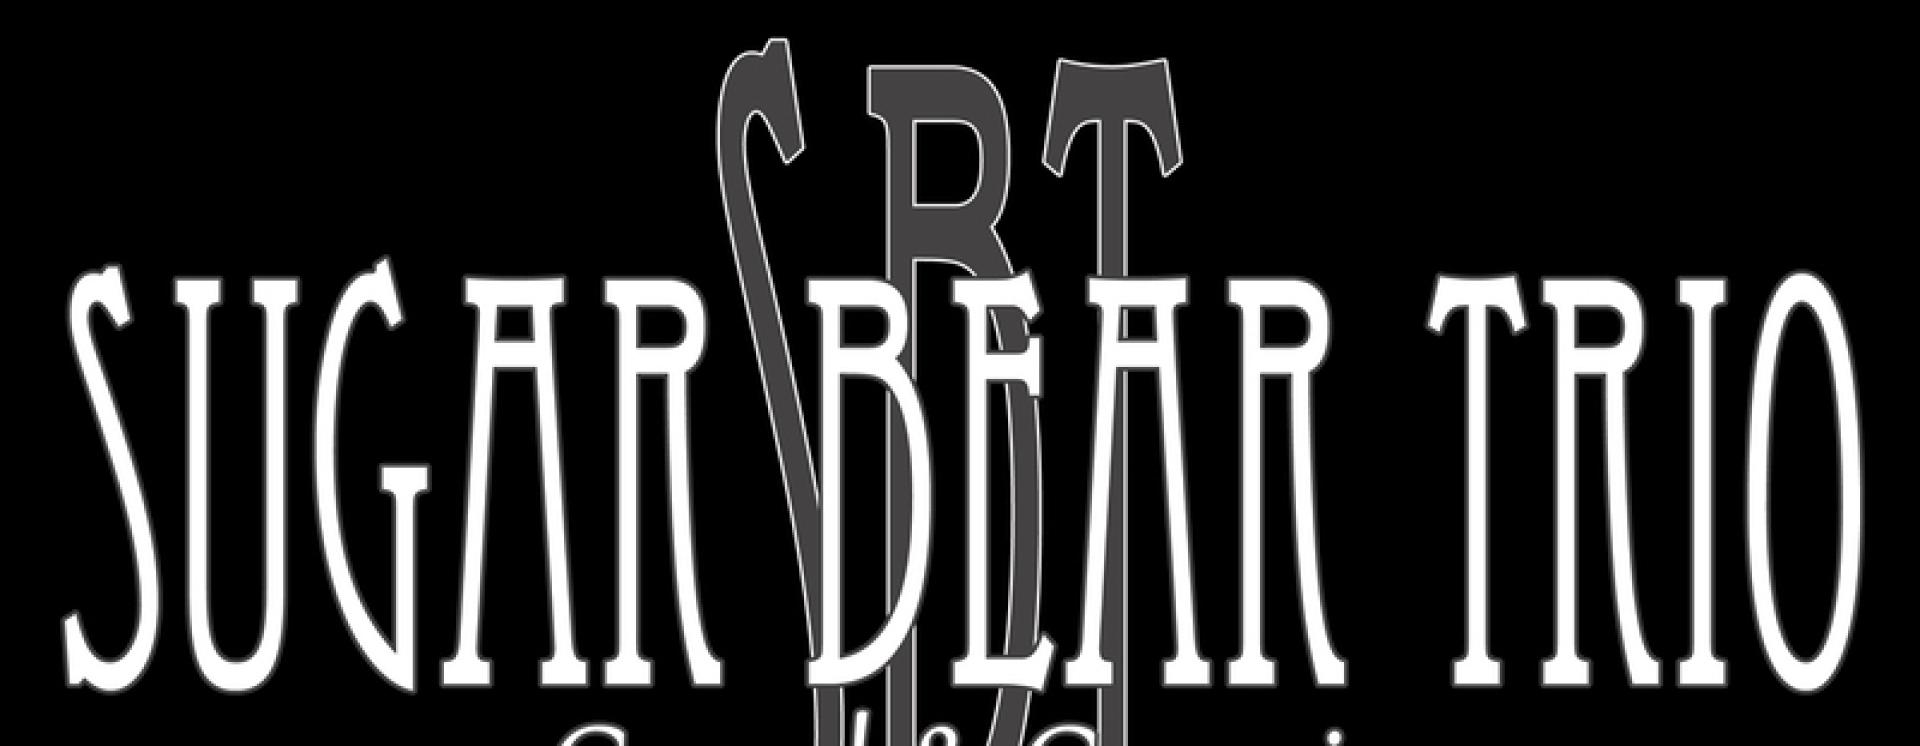 Sbt logo 300dpi blk t.g g copy